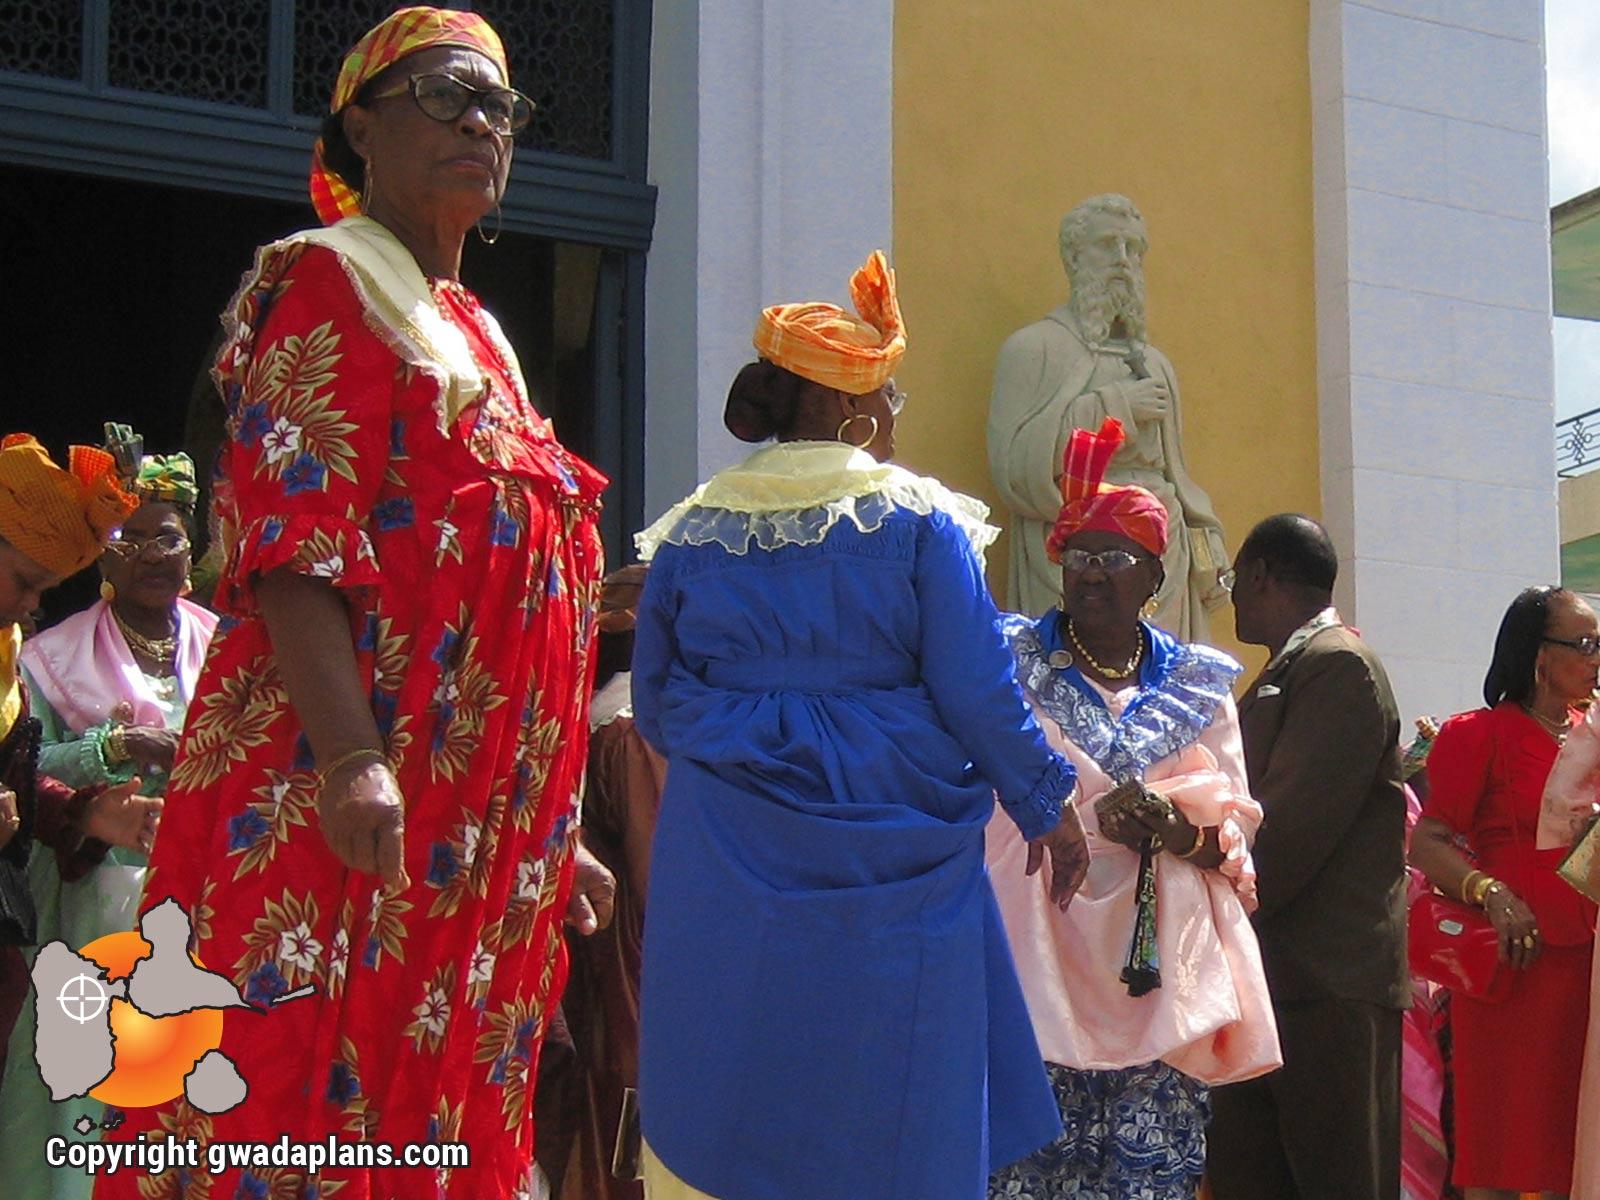 Habillement de cérémonie - Guadeloupe